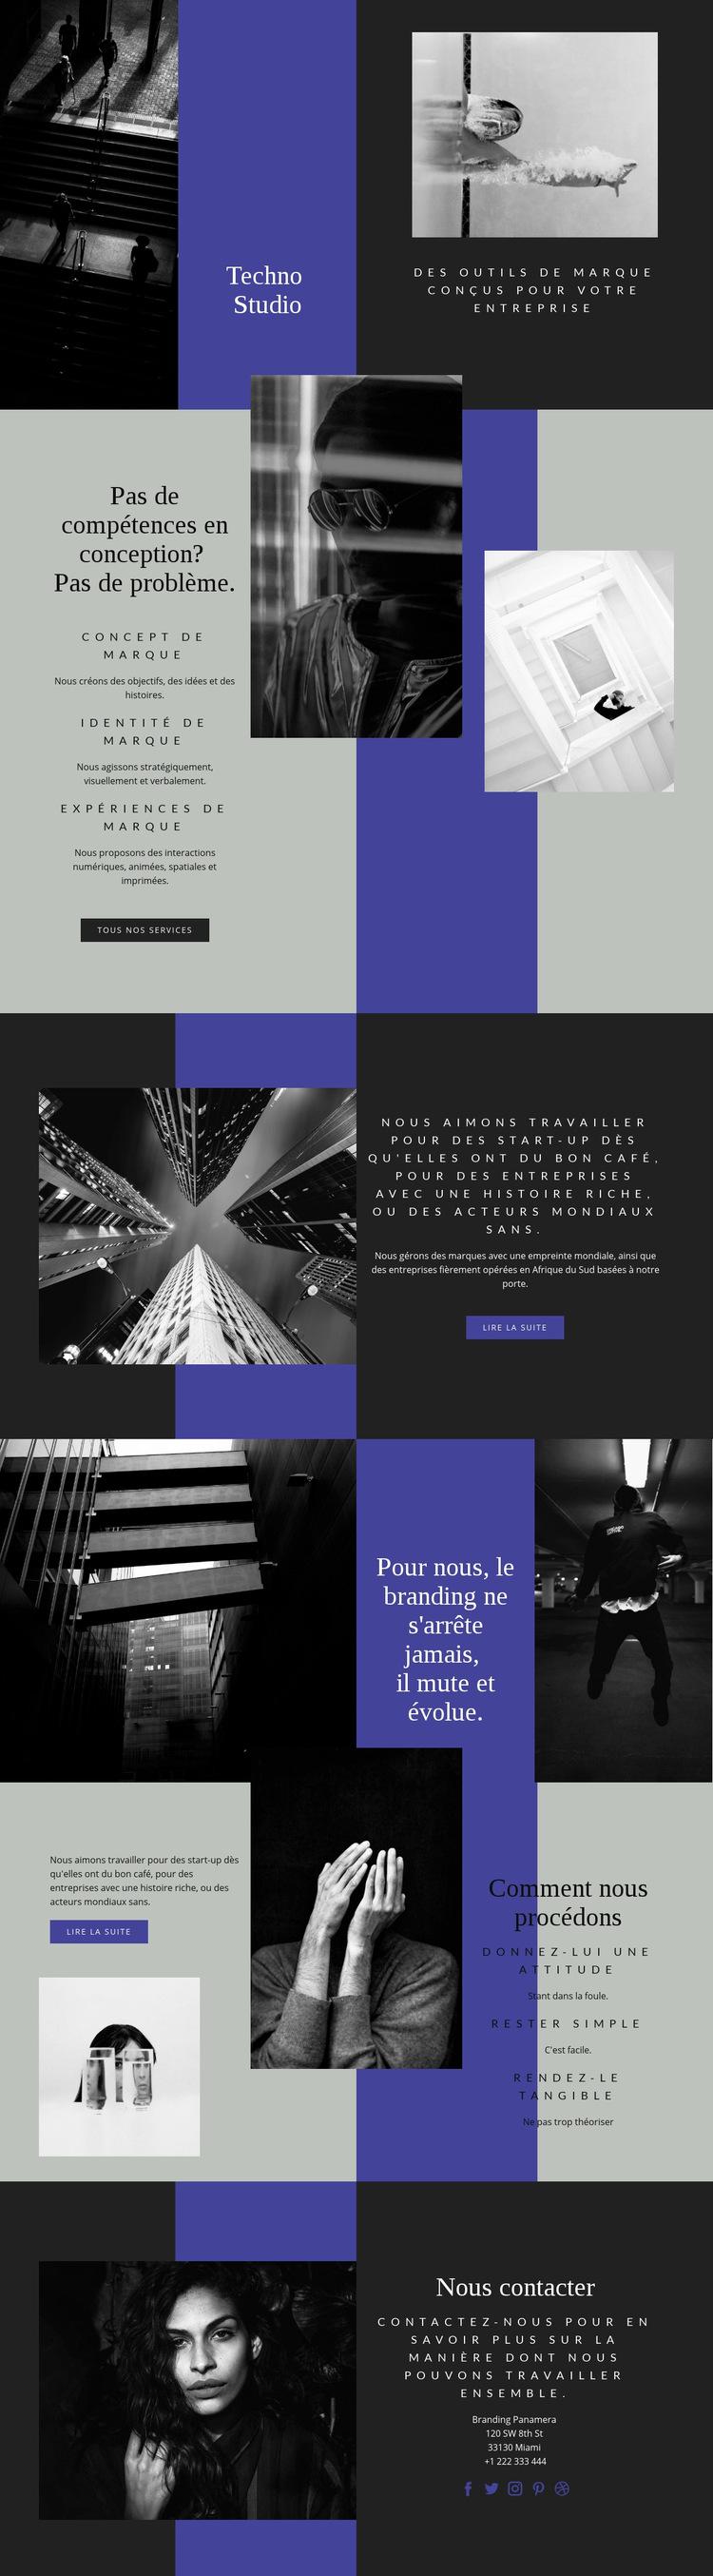 Compétences techno en entreprise Modèle de site Web